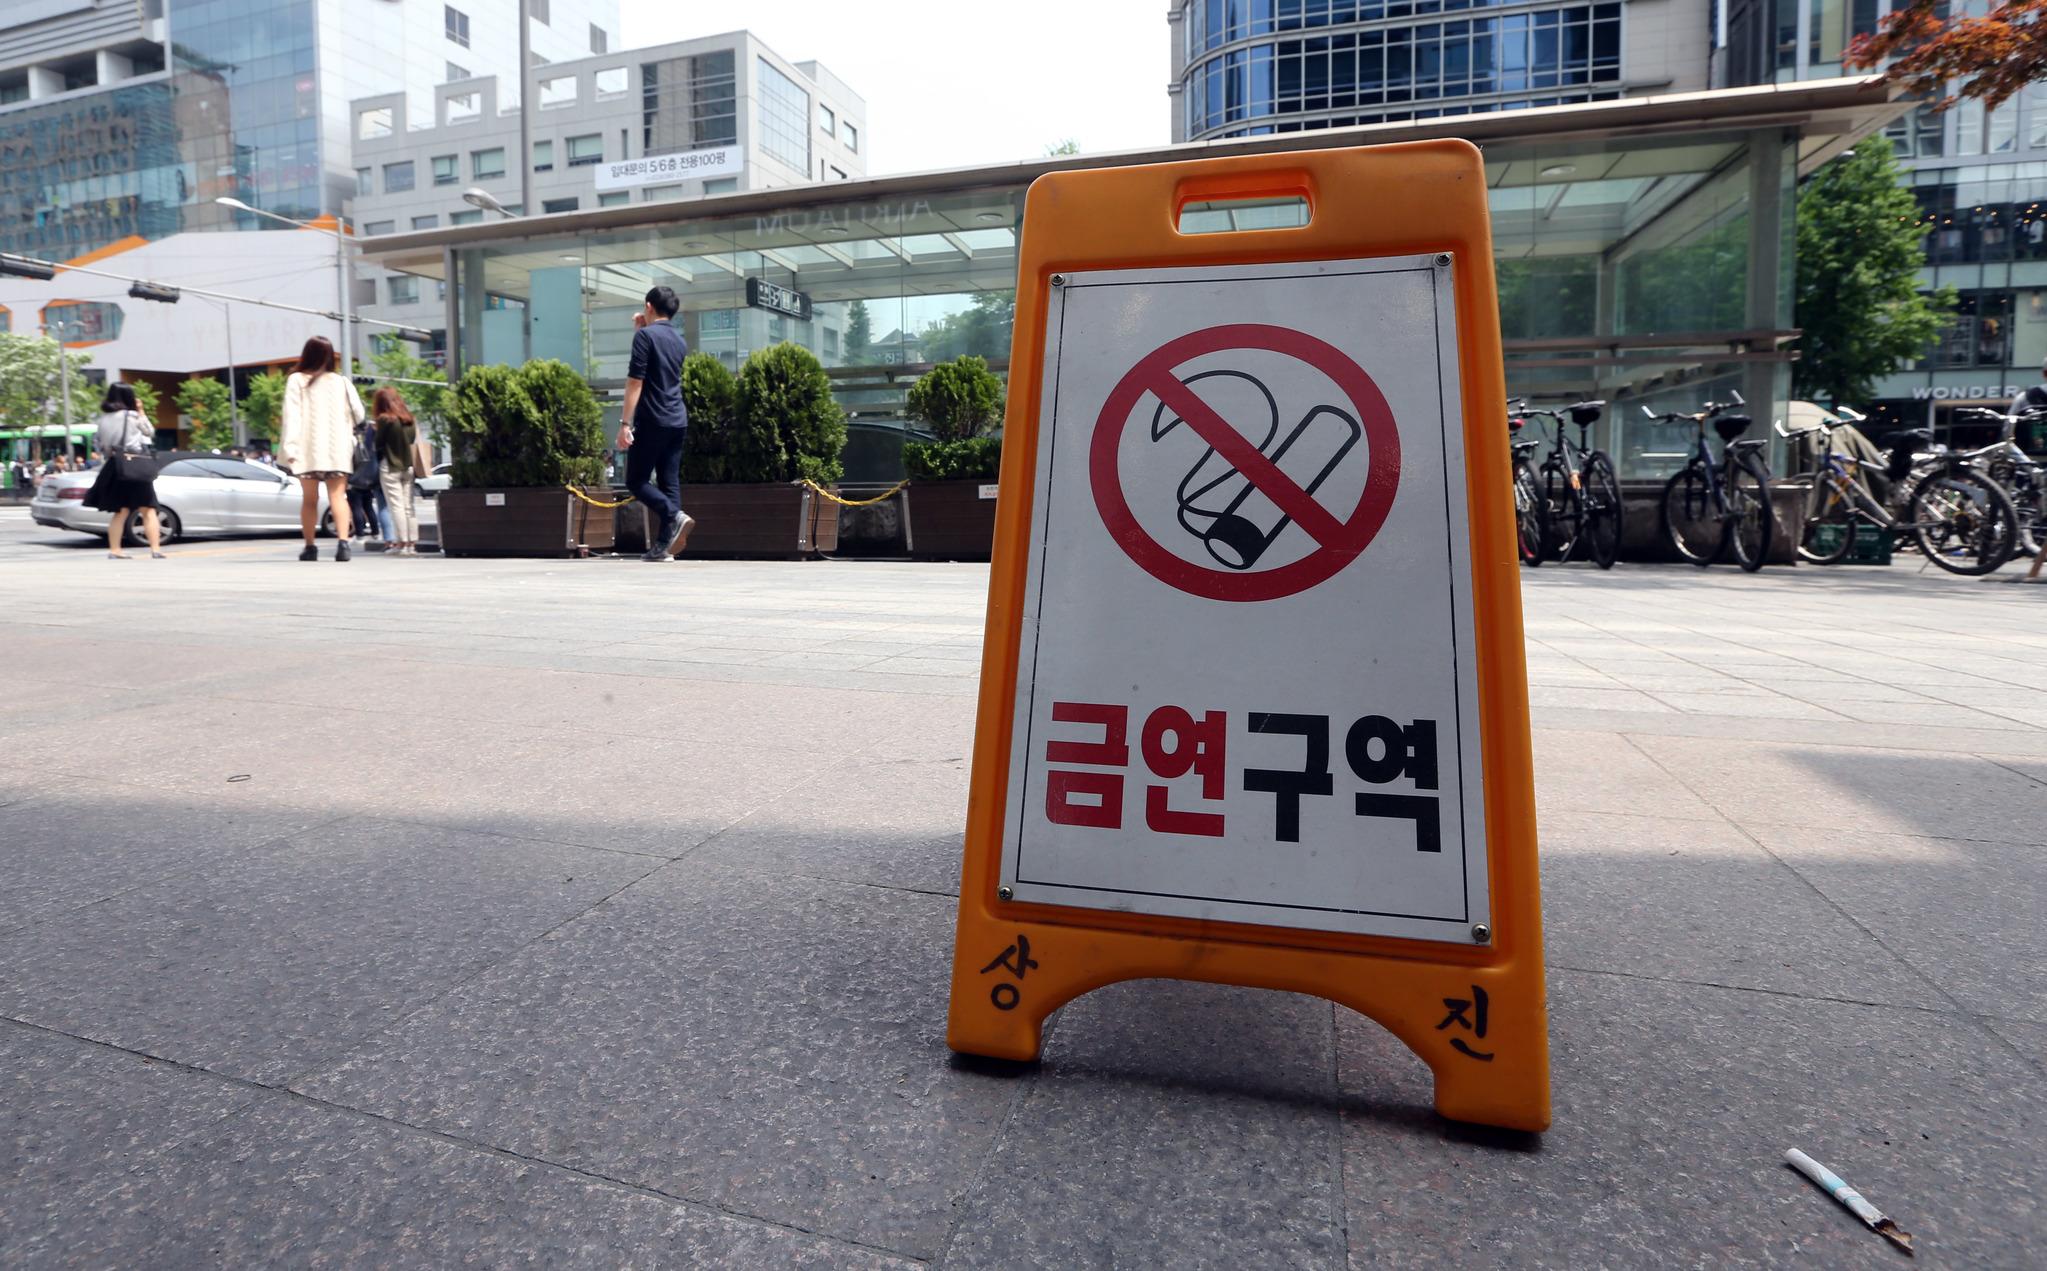 서울 홍대입구역 주변에 금연구역임을 알리는 표시가 놓여있다. [중앙포토]